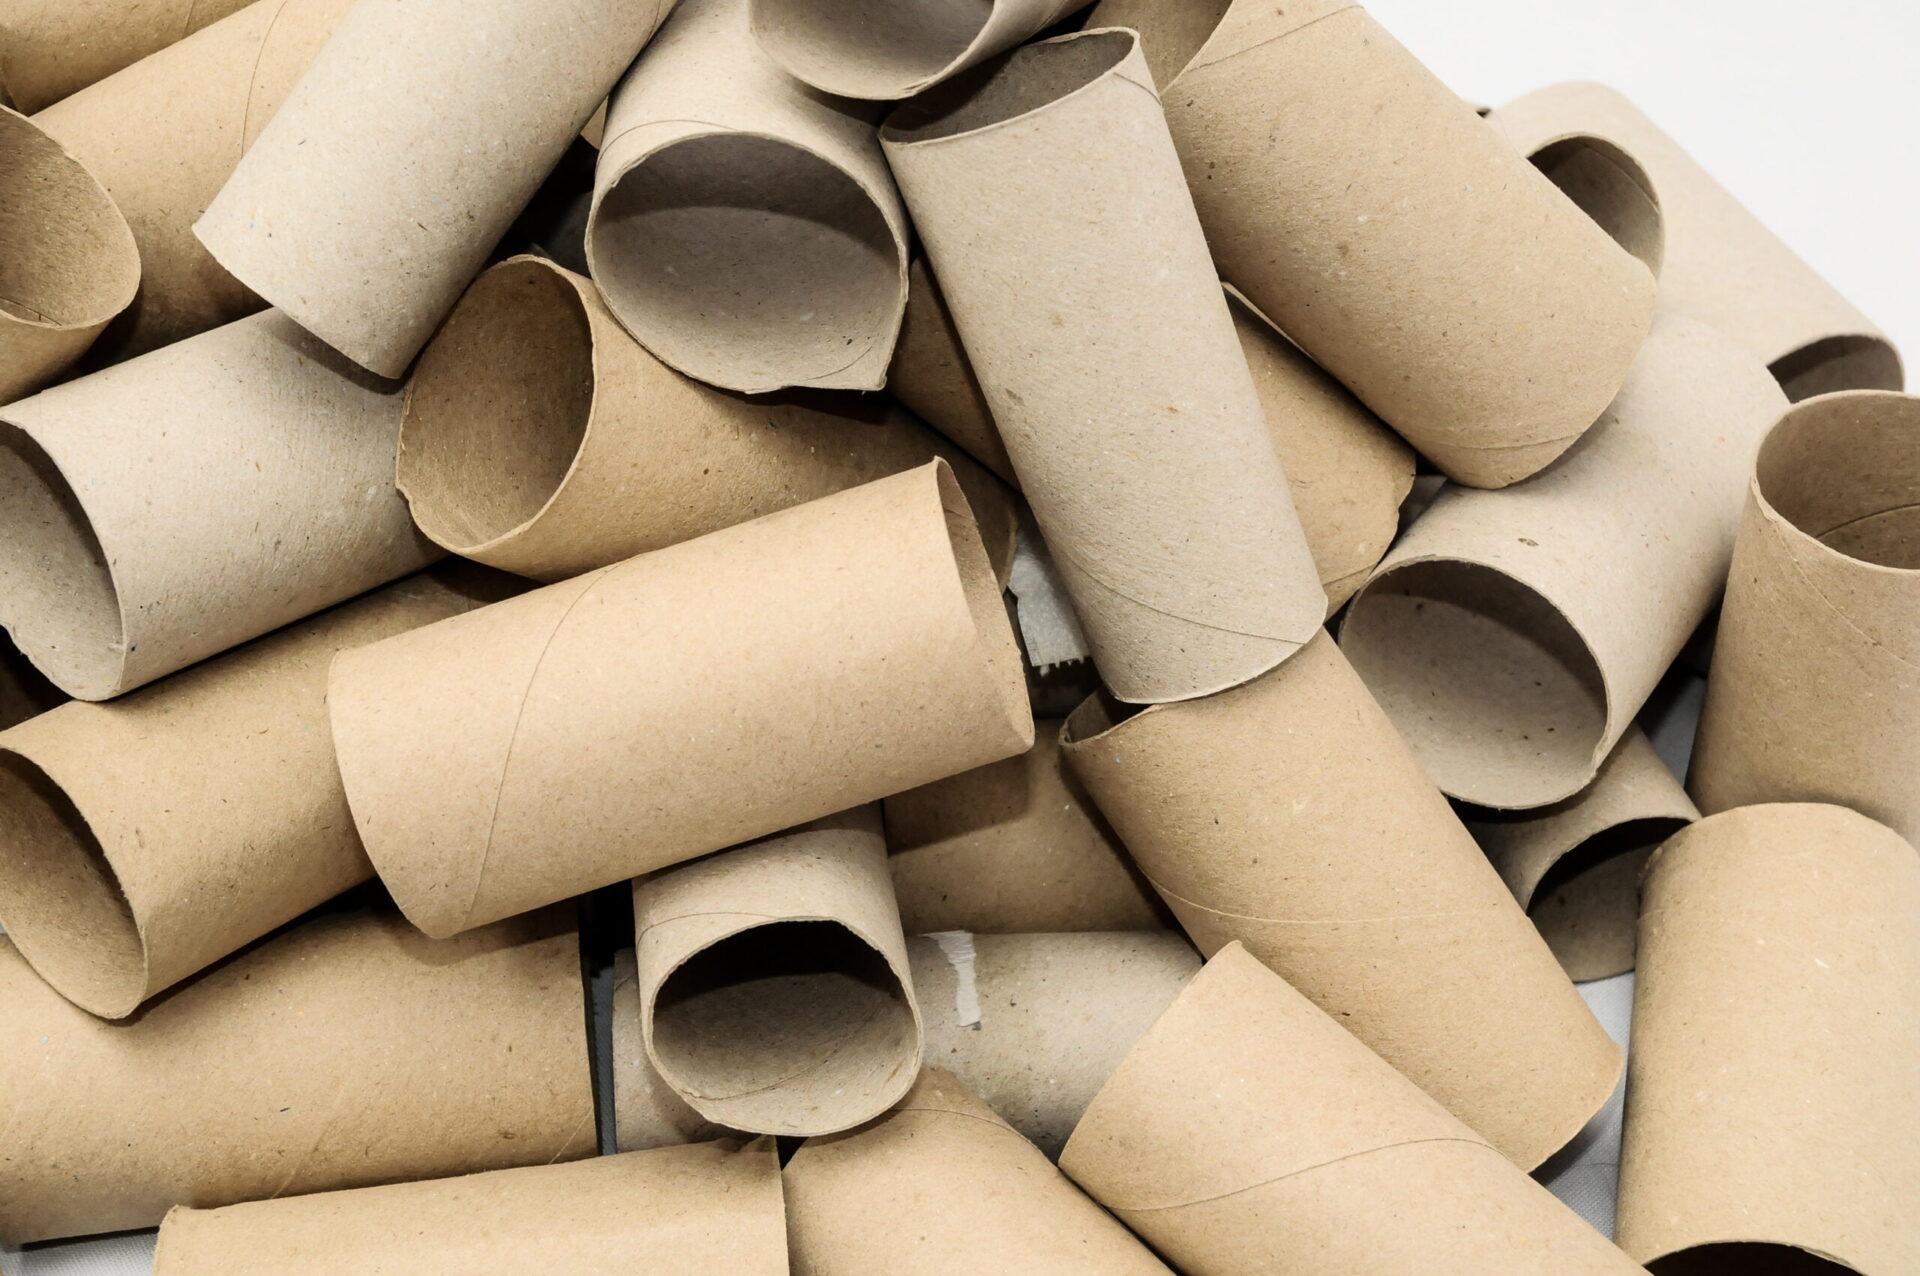 dozens of toilet paper rolls